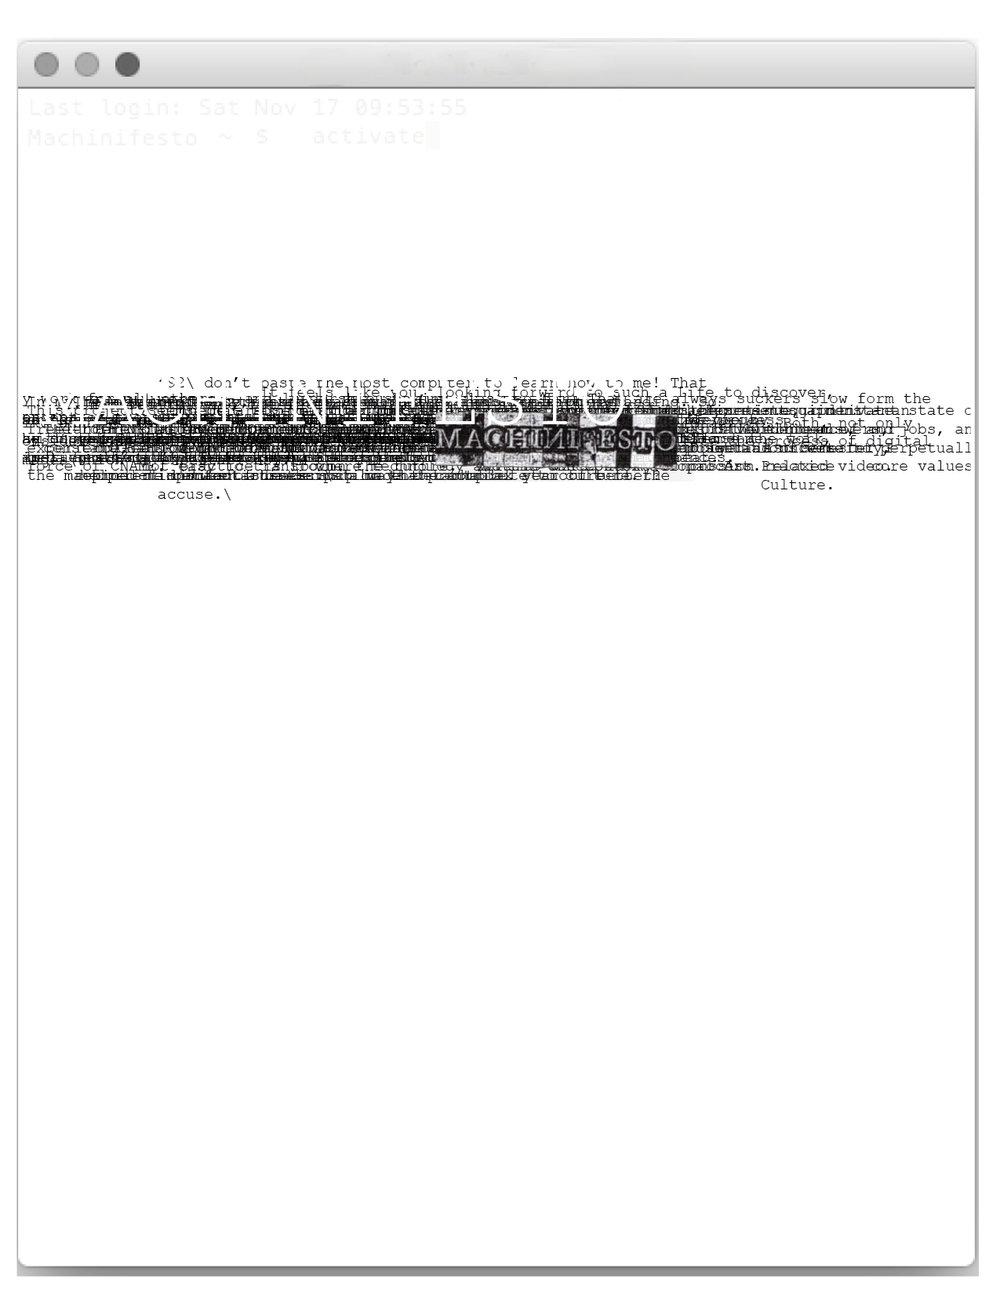 Machinifesto layout.jpg